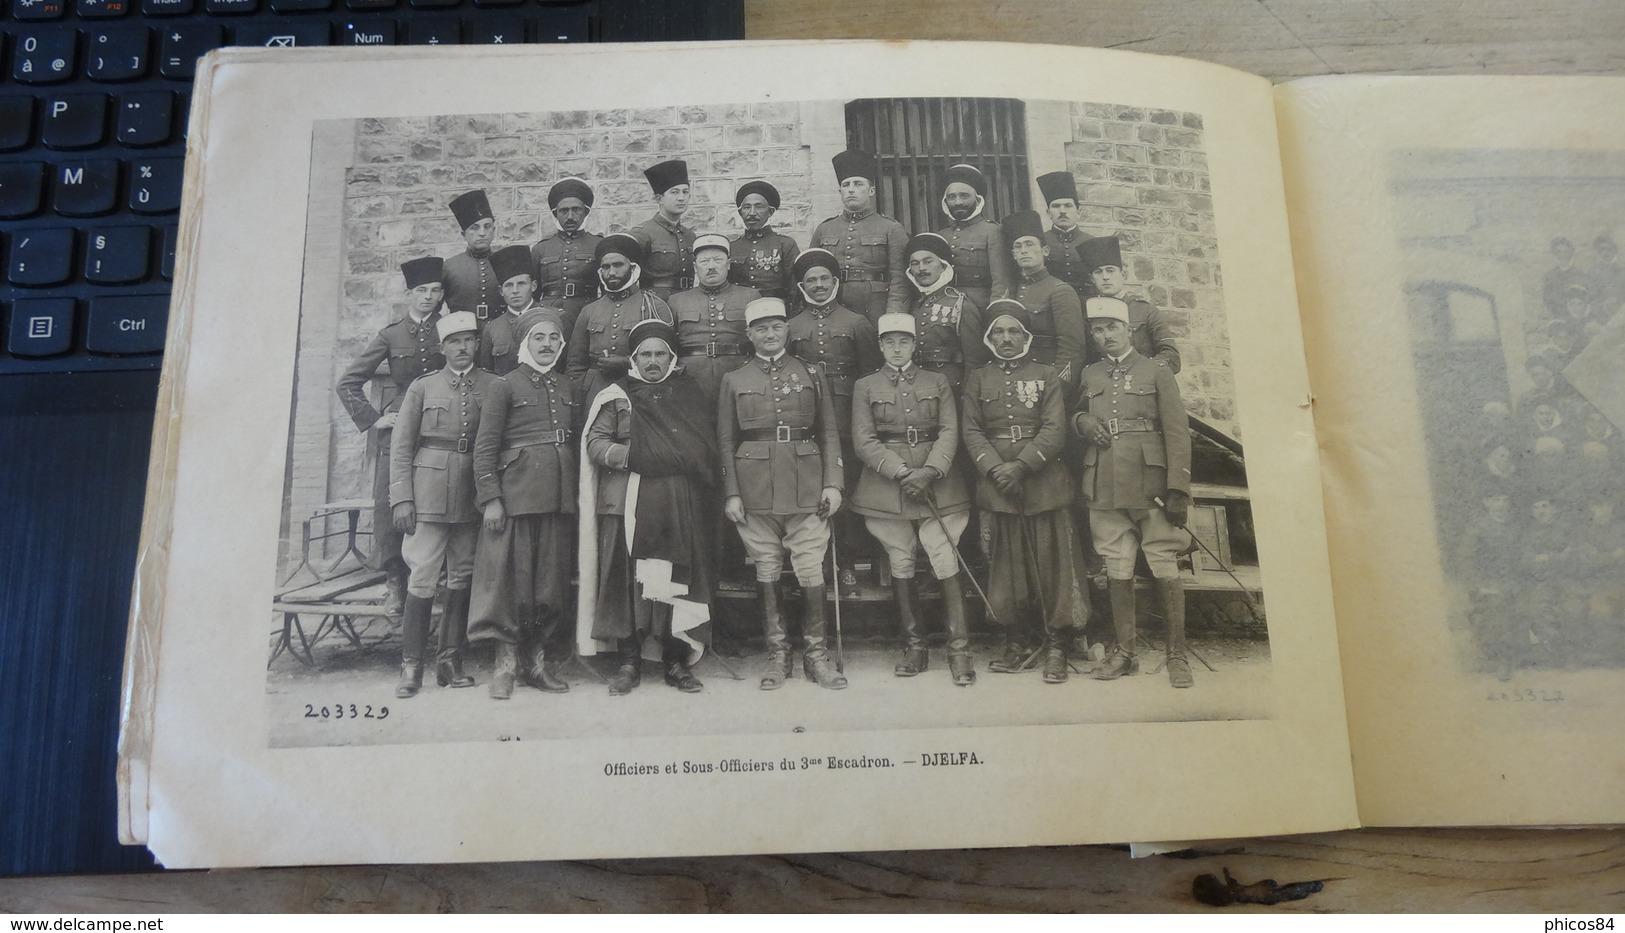 Livret  Du 1er Régiment De SPAHIS ALGERIENS, Médéa - 1932 - Libri, Riviste & Cataloghi